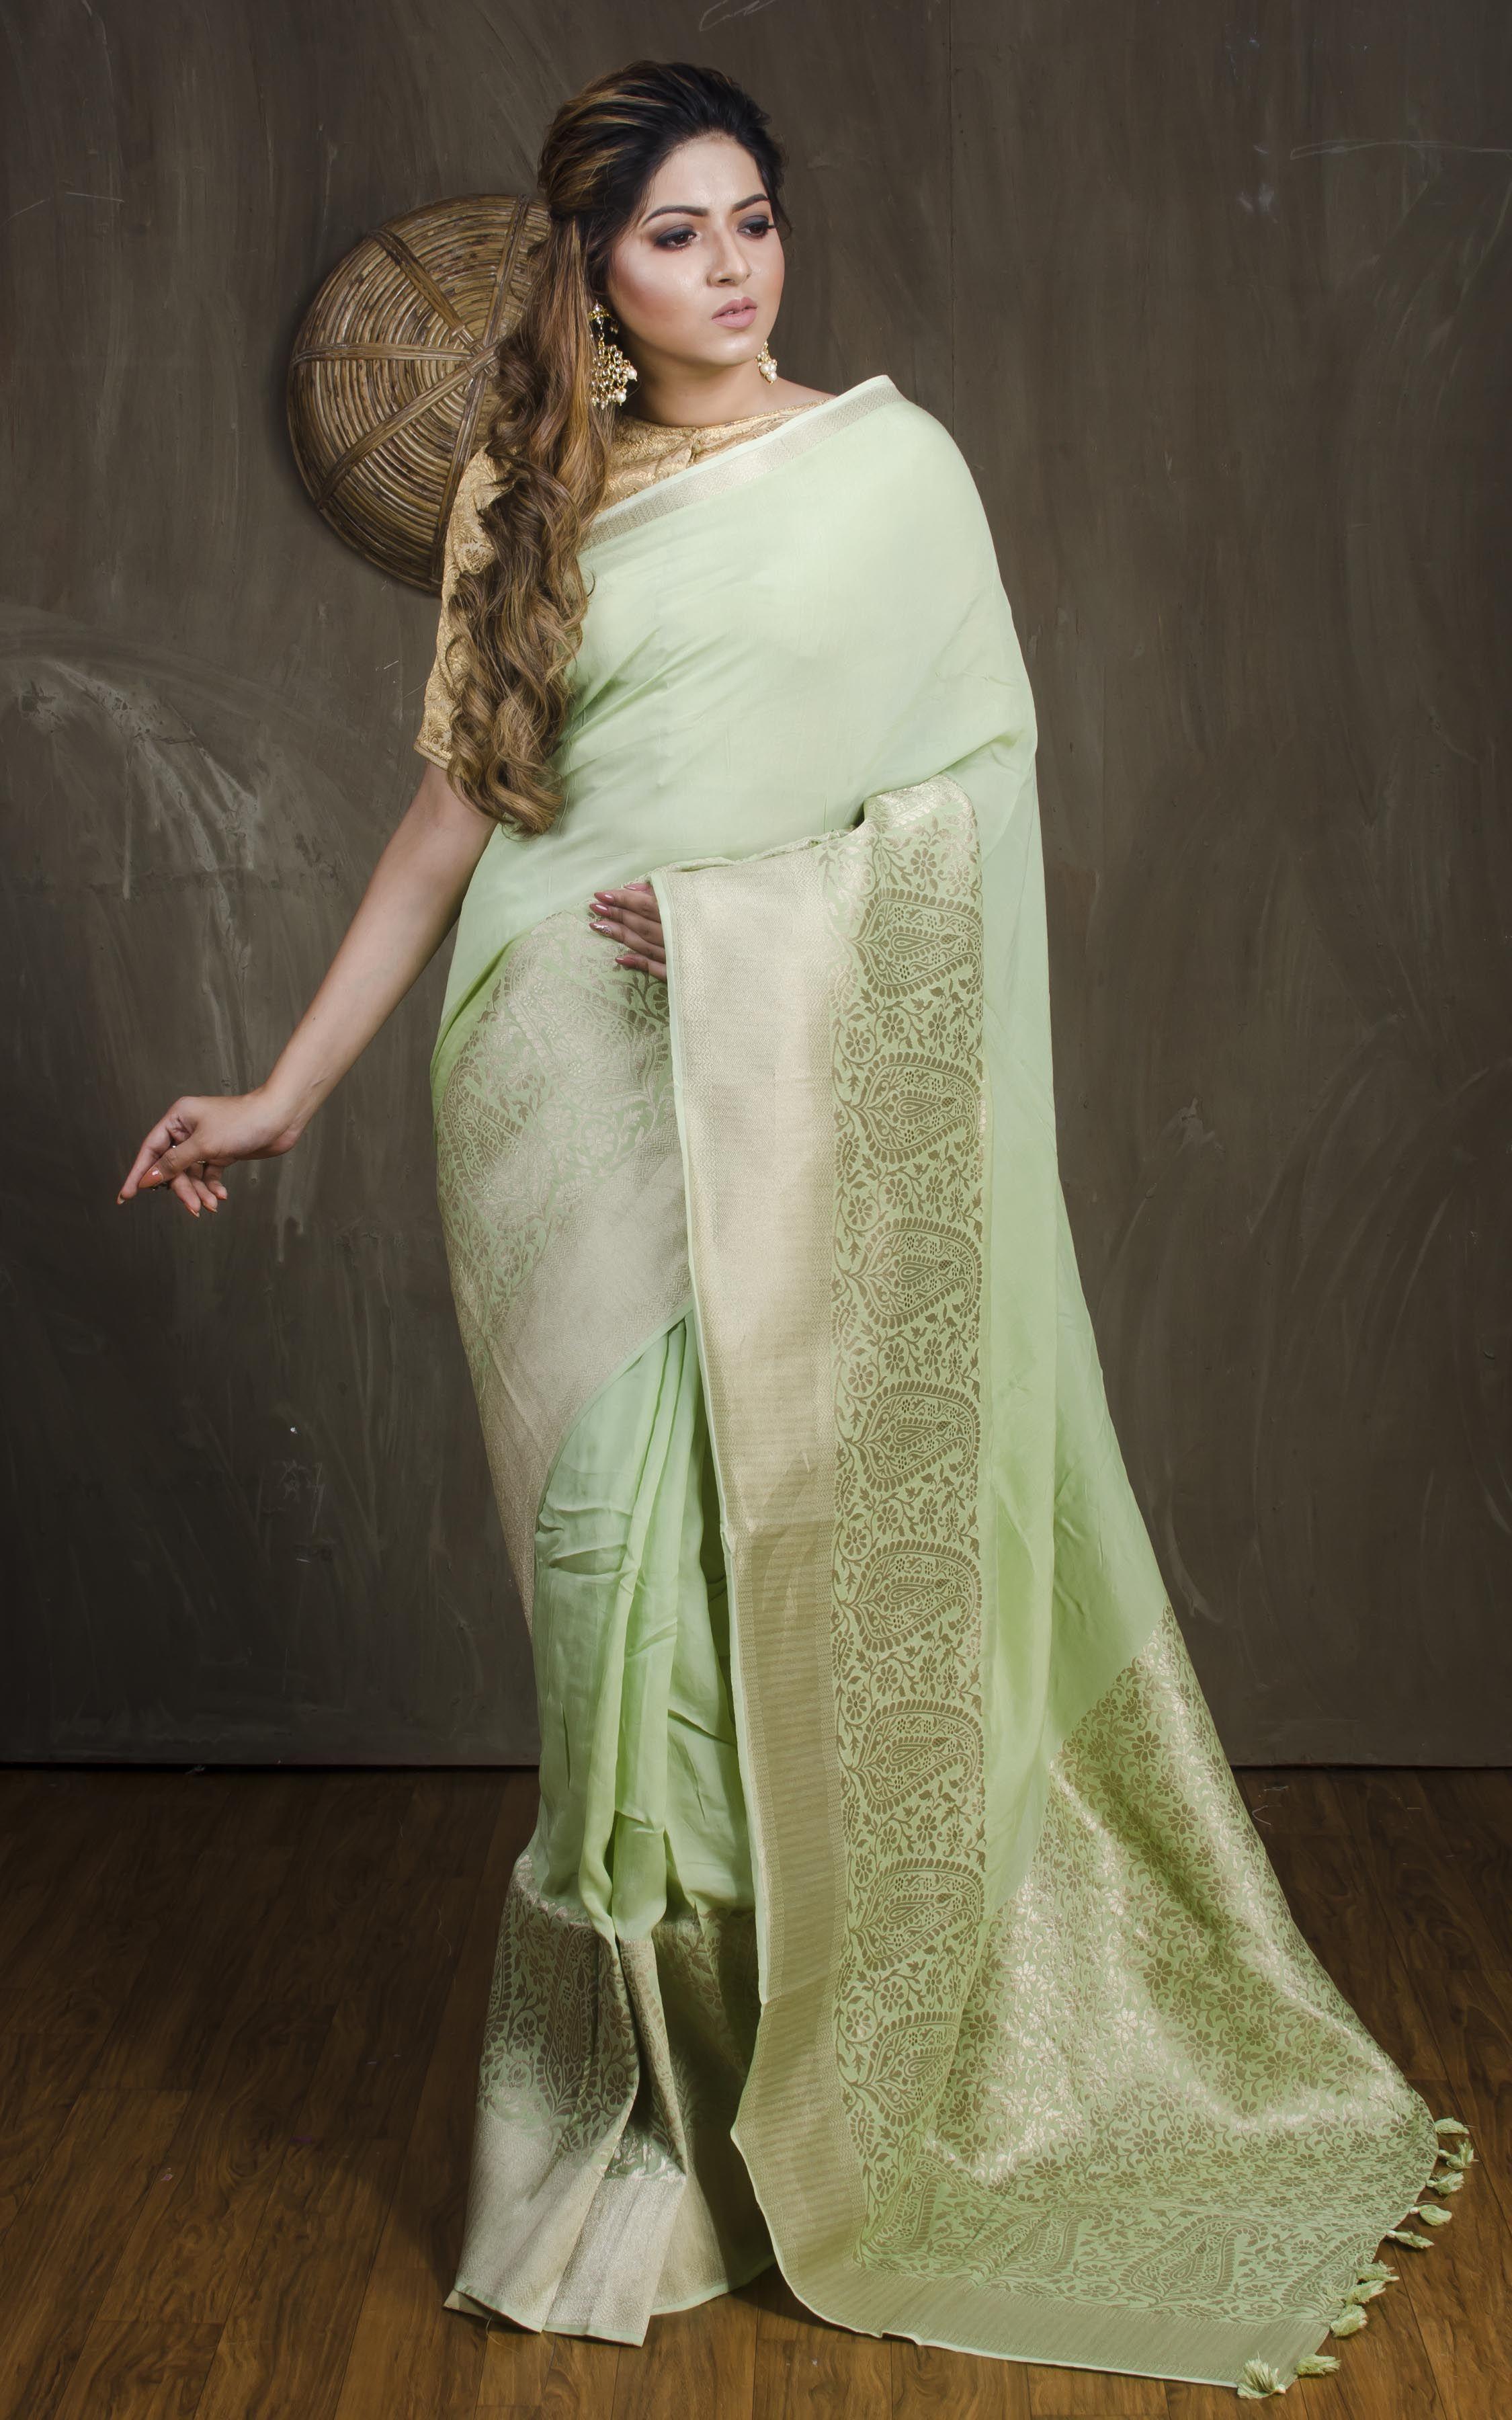 bb7e3051d2 Pure Muga Cotton Banarasi Saree in Sea Green | Indian Banarasi Silk ...